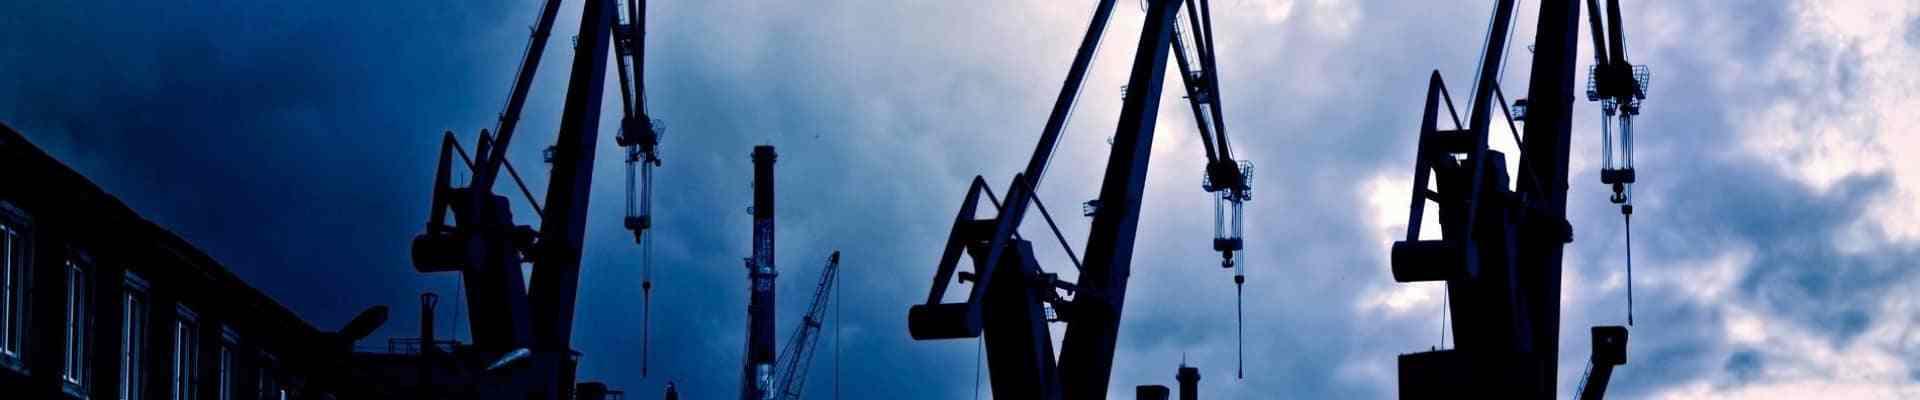 Стоимость нефтяной марки Brent впервые с 13 апреля достигла максимальных значений